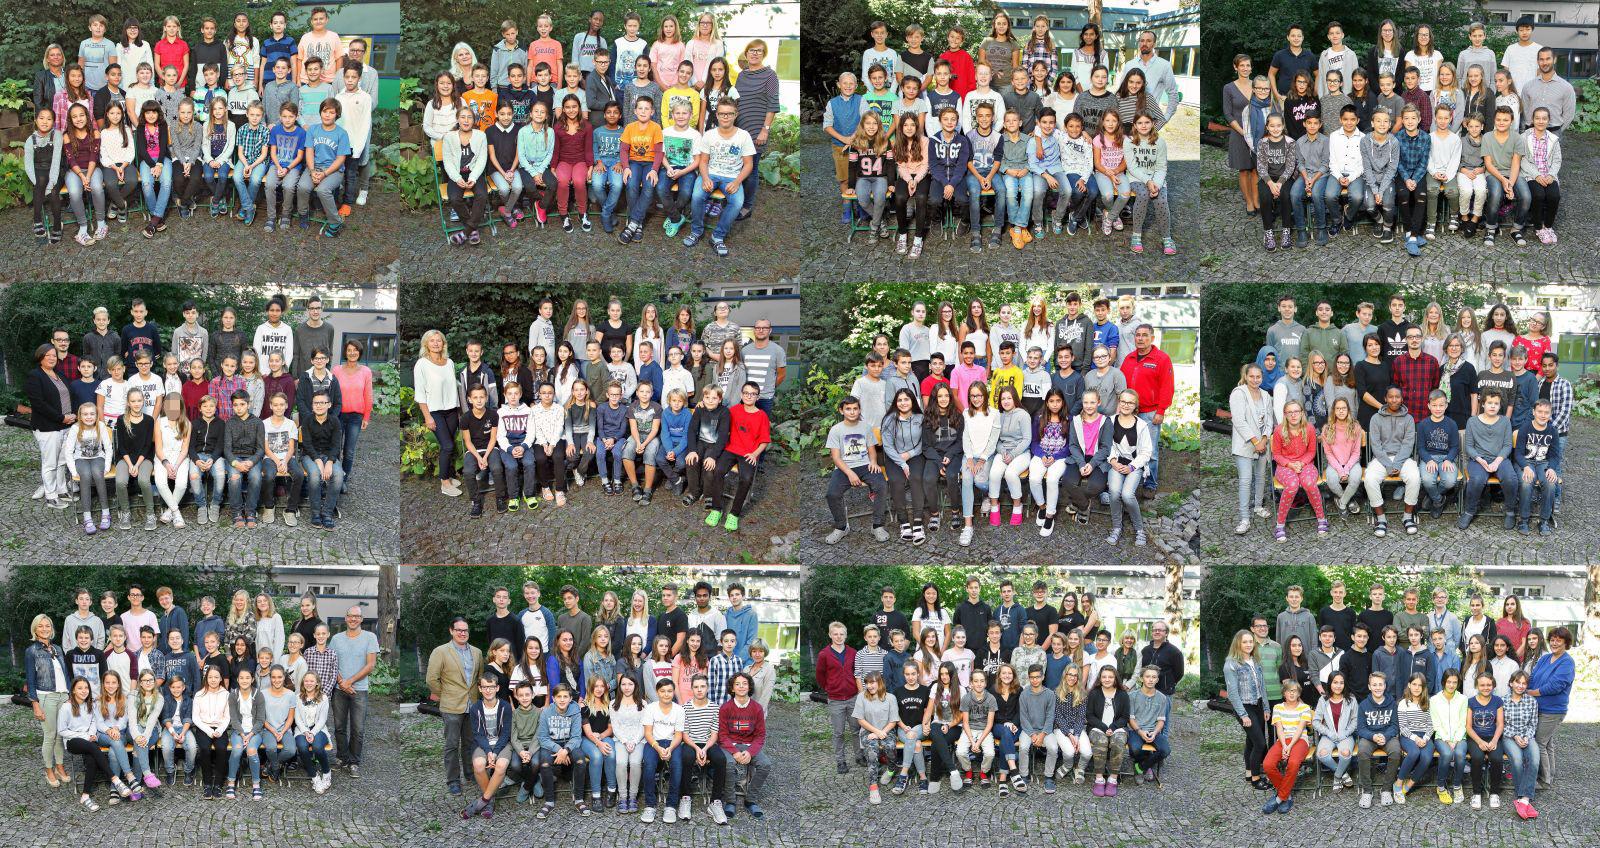 klassenfotos marienschule lingen 2016